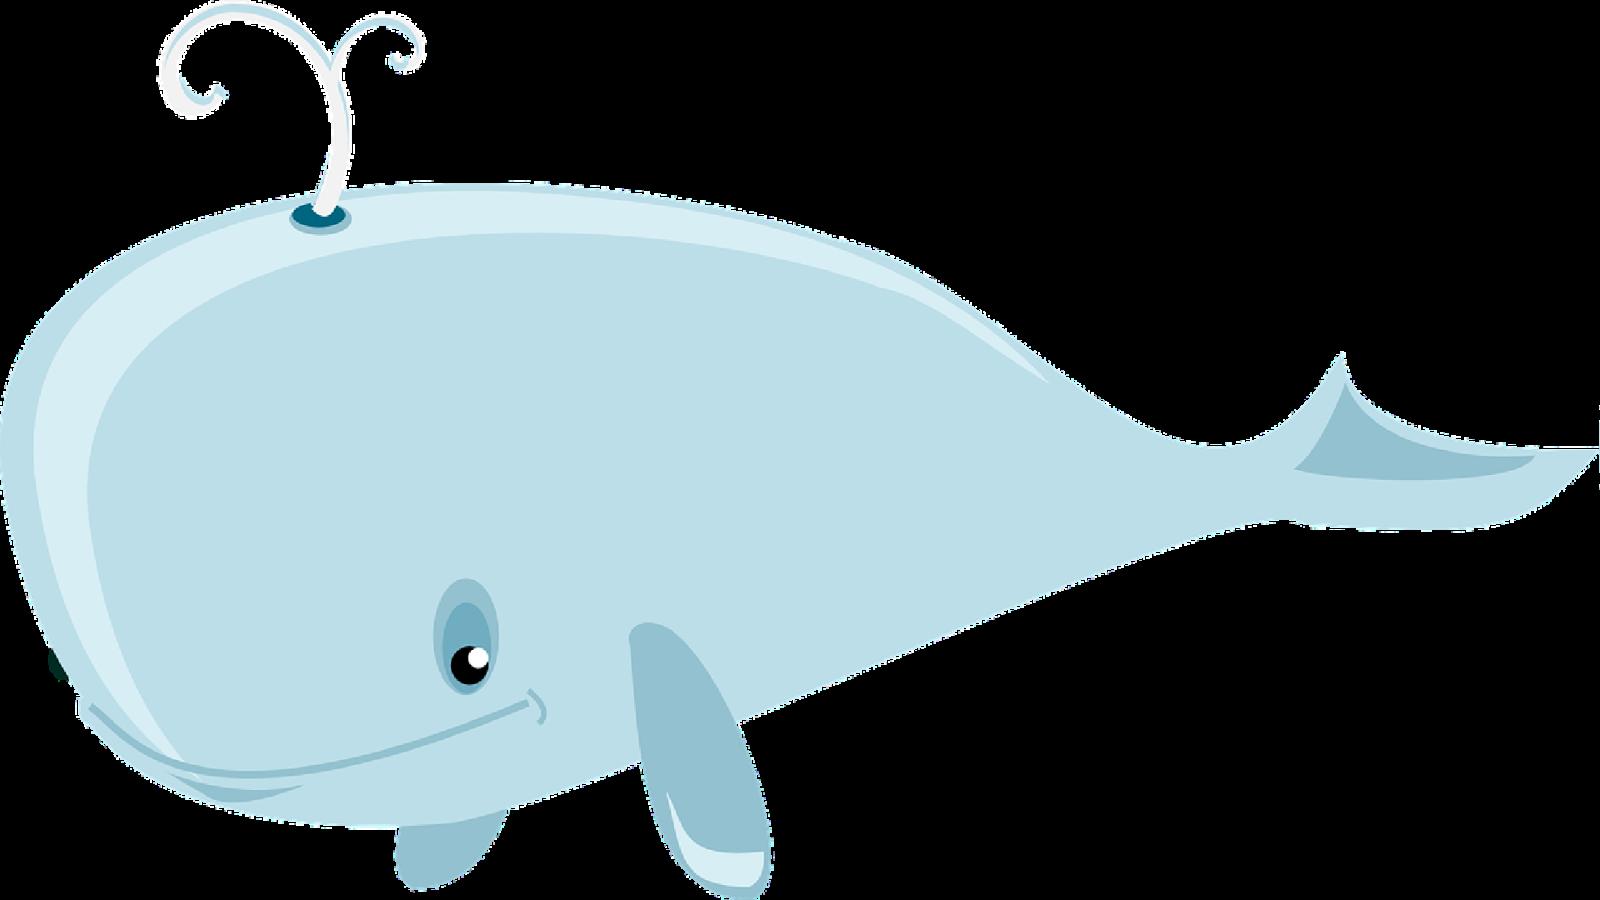 Contando cuentos - Transportes La ballena - Capítulo 2 - 27/04/21 - Escuchar ahora